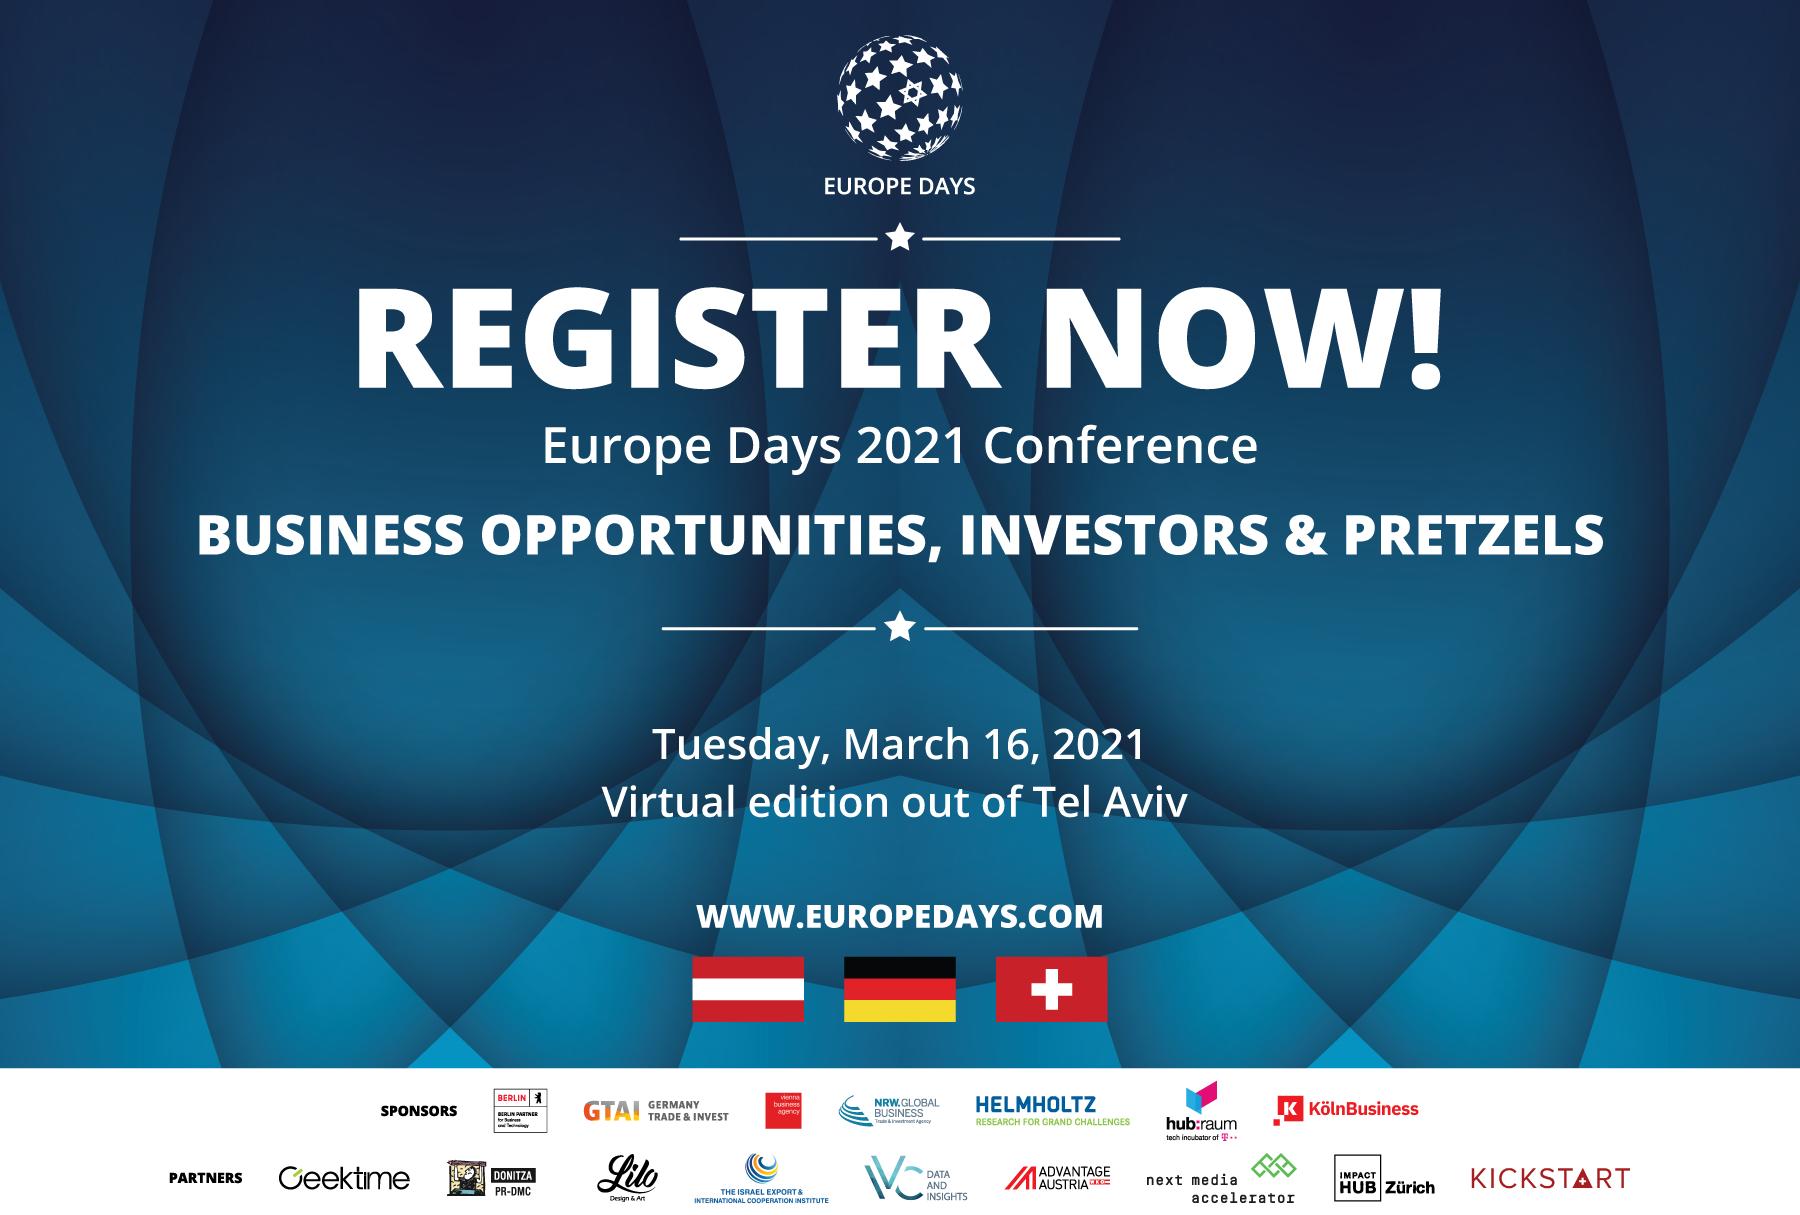 כנס Europe Days 2021